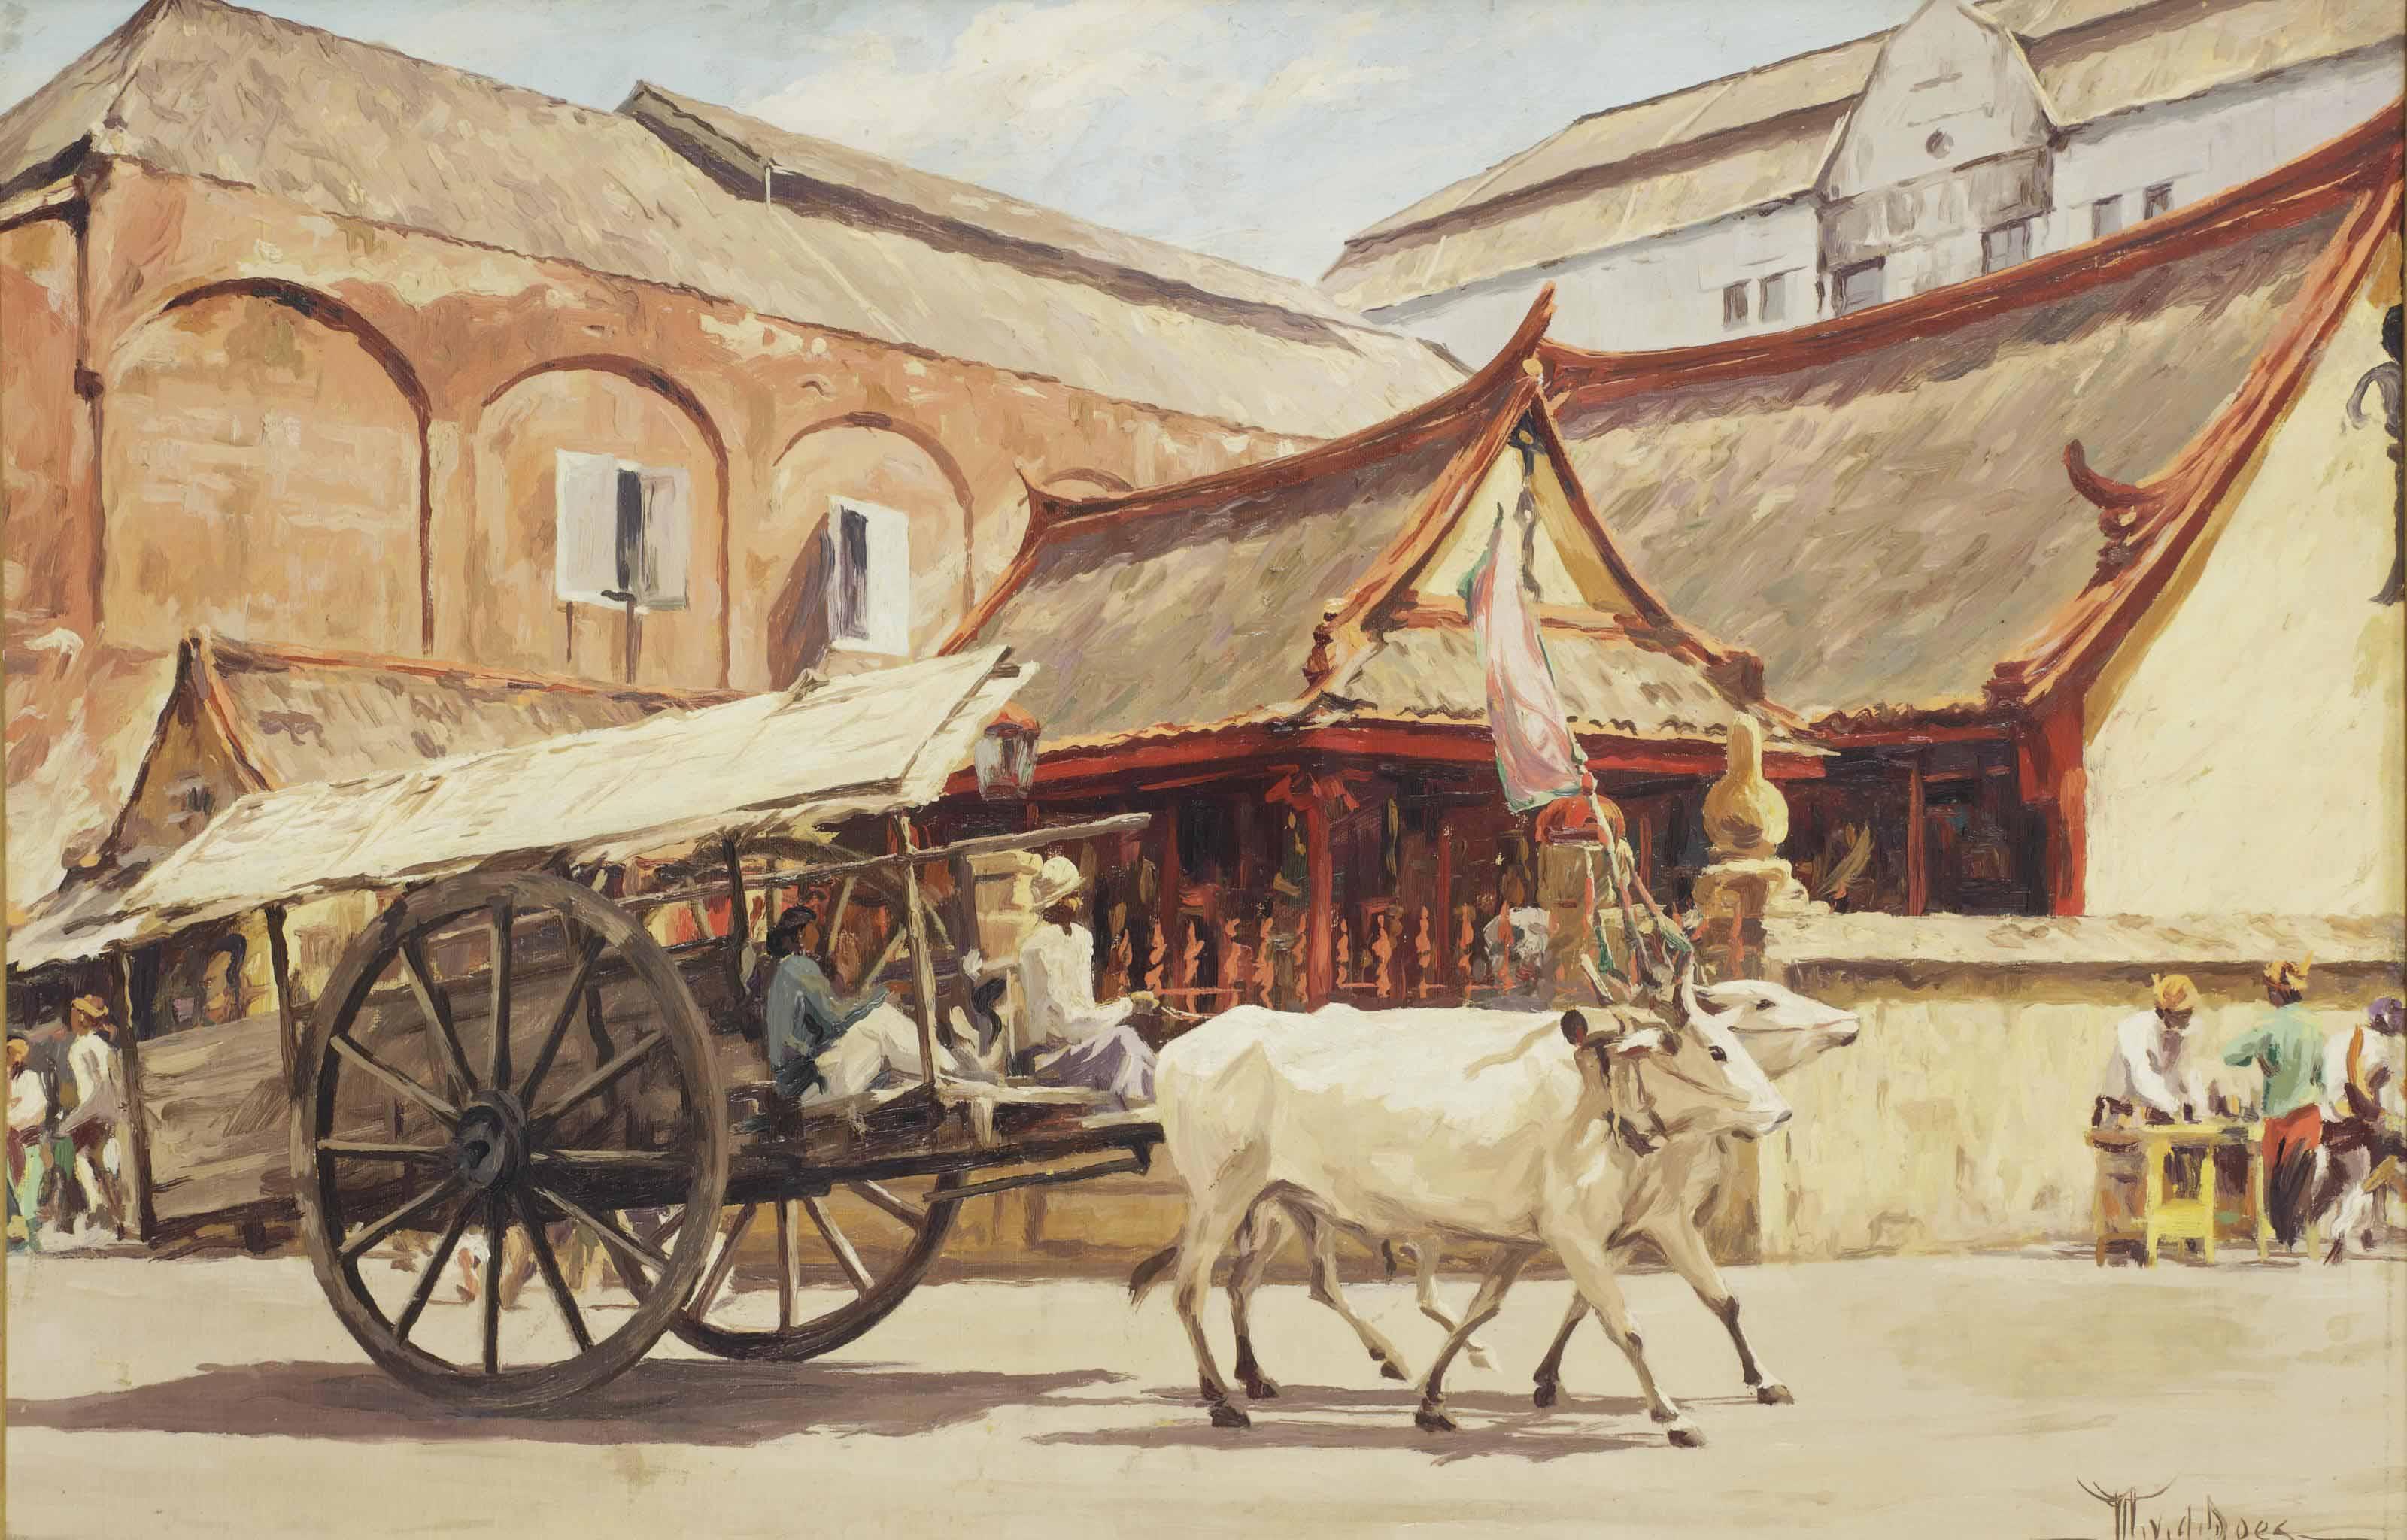 An ox-drawn cart, Surabaya